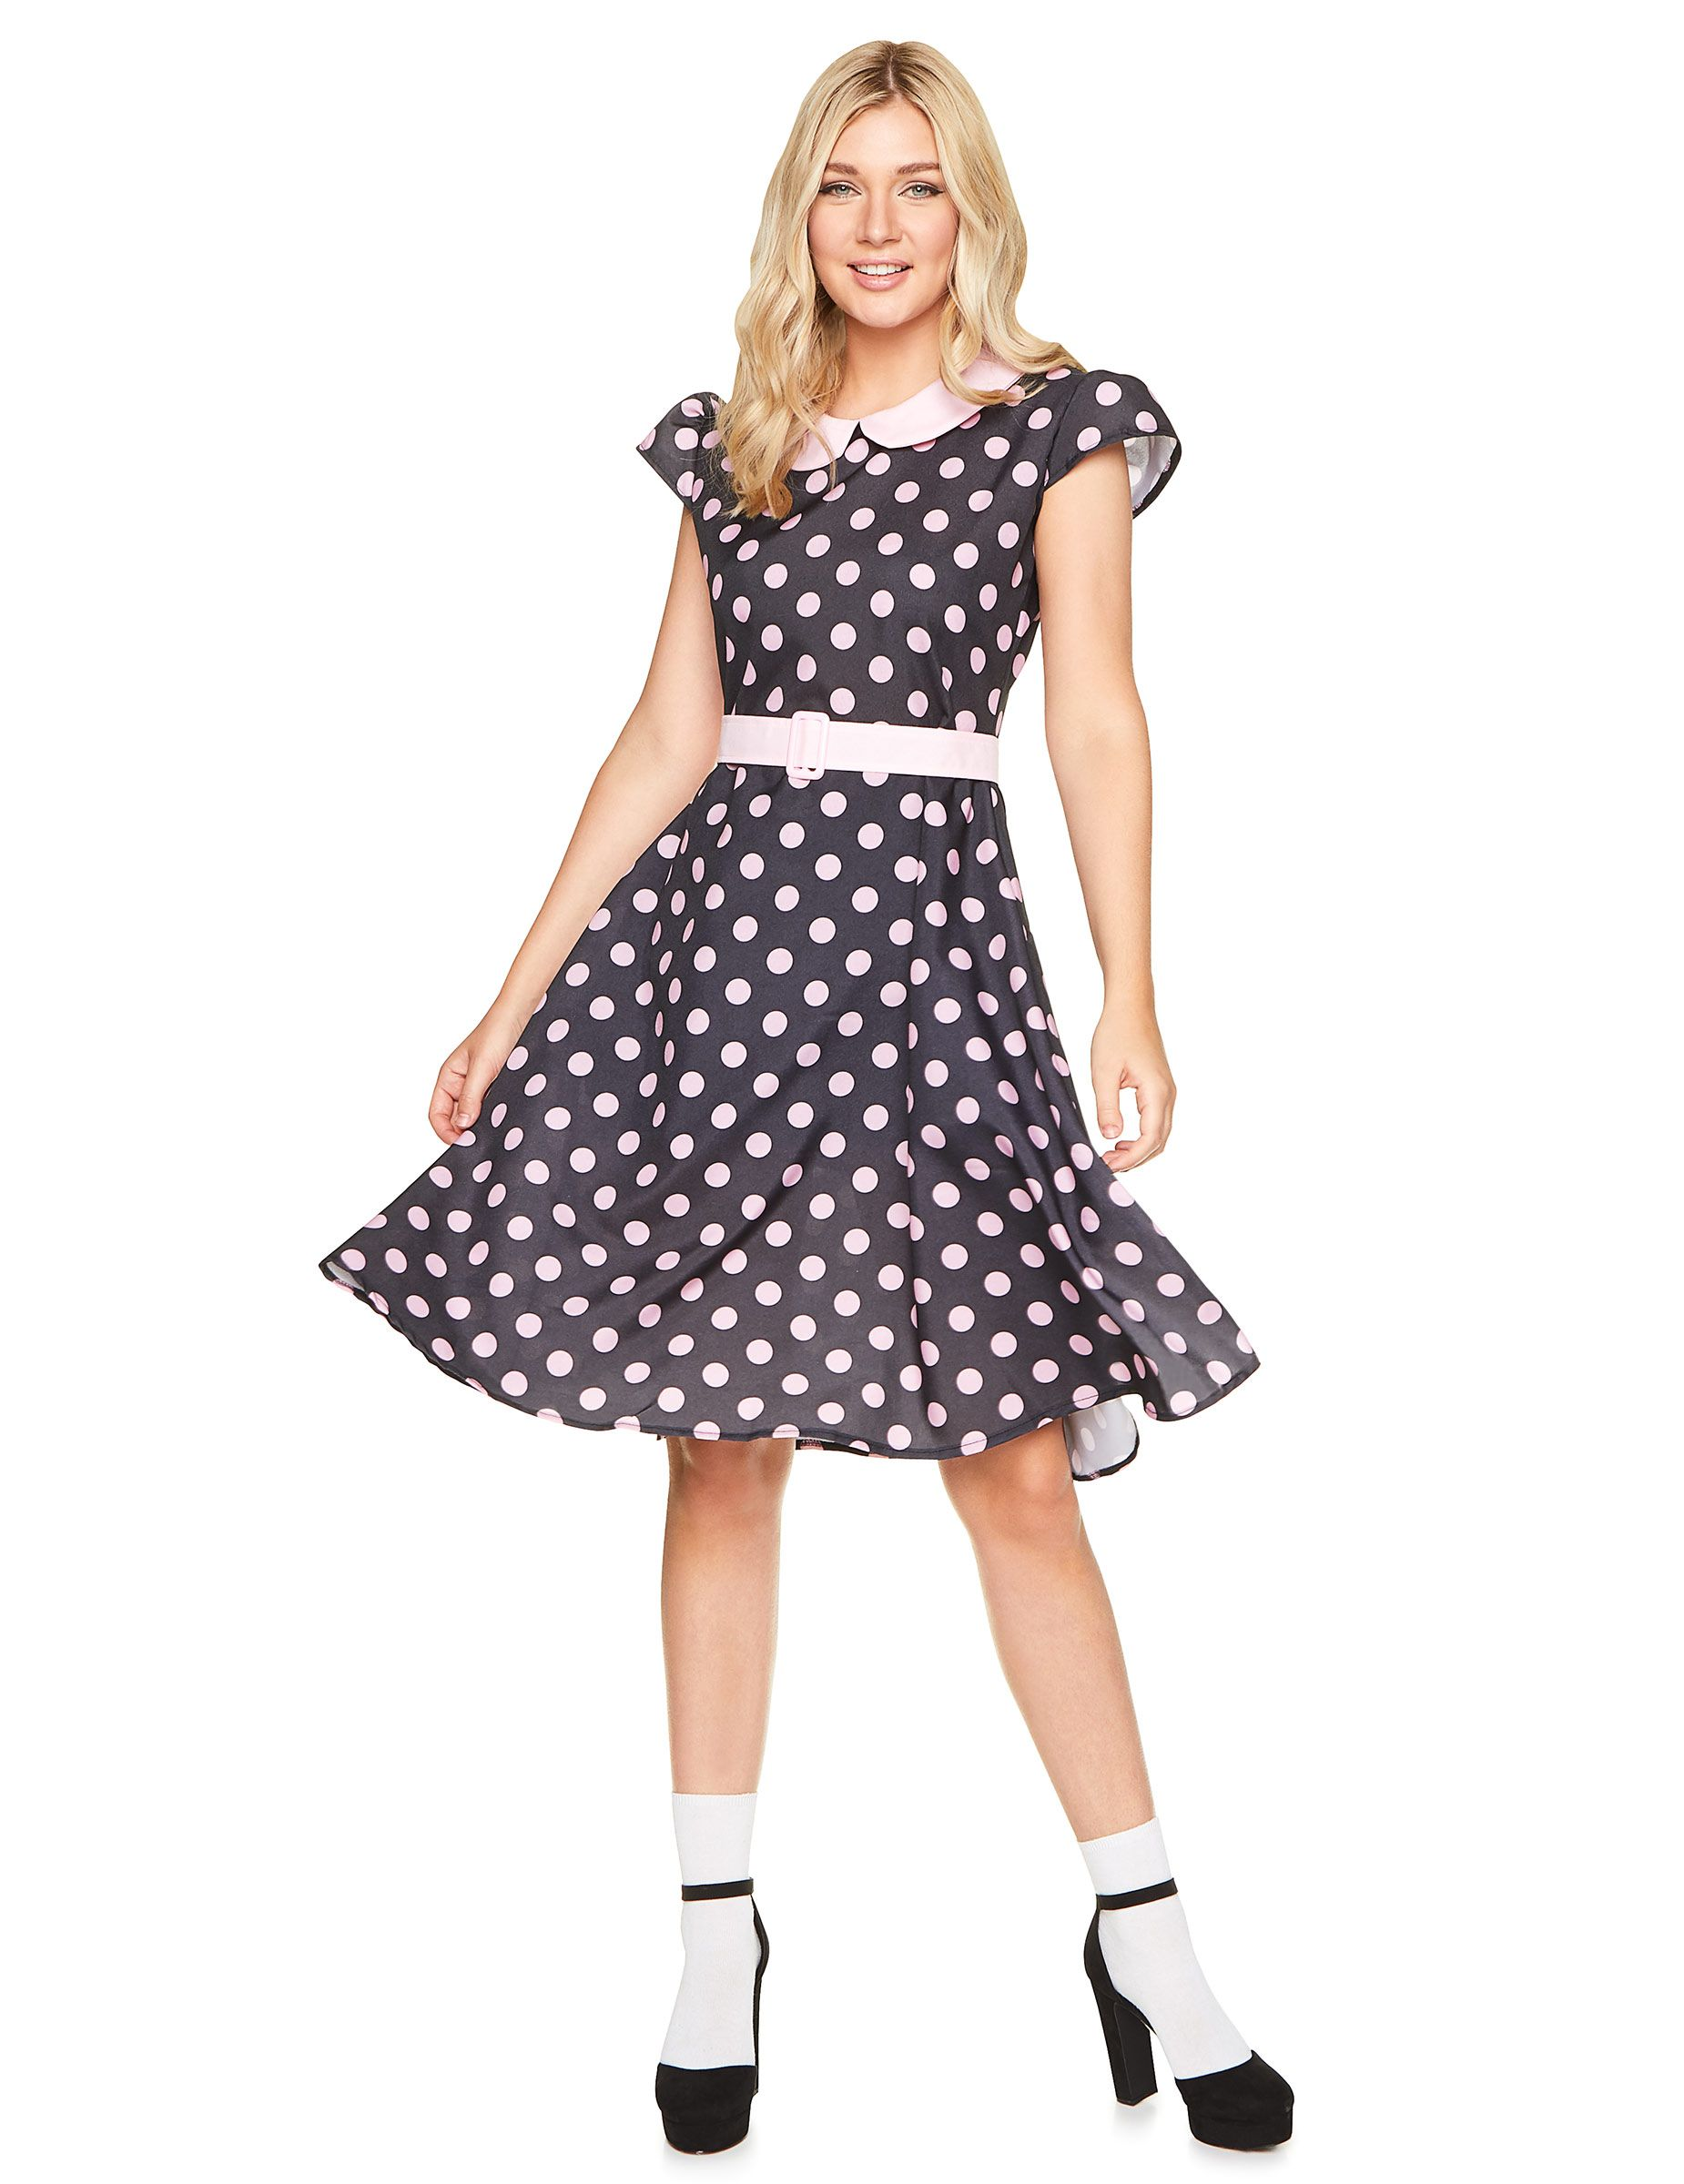 Disfraz vestido años 50 puntos rosas mujer  Este disfraz años 50 para mujer  incluy vestido c39b32e6f1a56